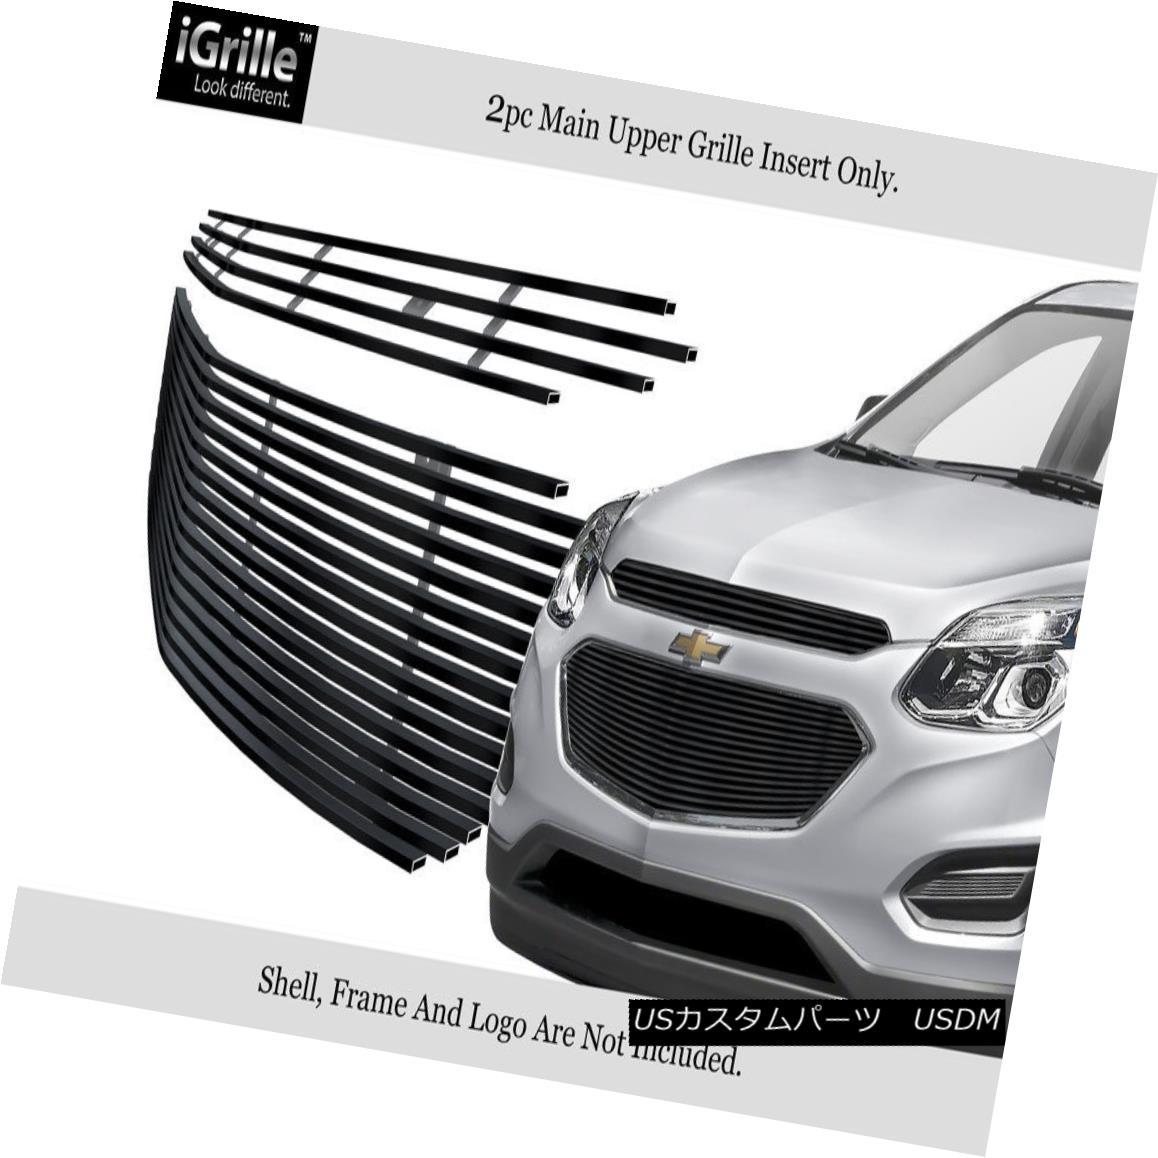 グリル Fits 2016-2017 Chevy Equinox Stainless Steel Black Billet Main Upper Grille 2016-2017 Chevy Equinoxステンレススチールブラックビレットメインアッパーグリルに適合